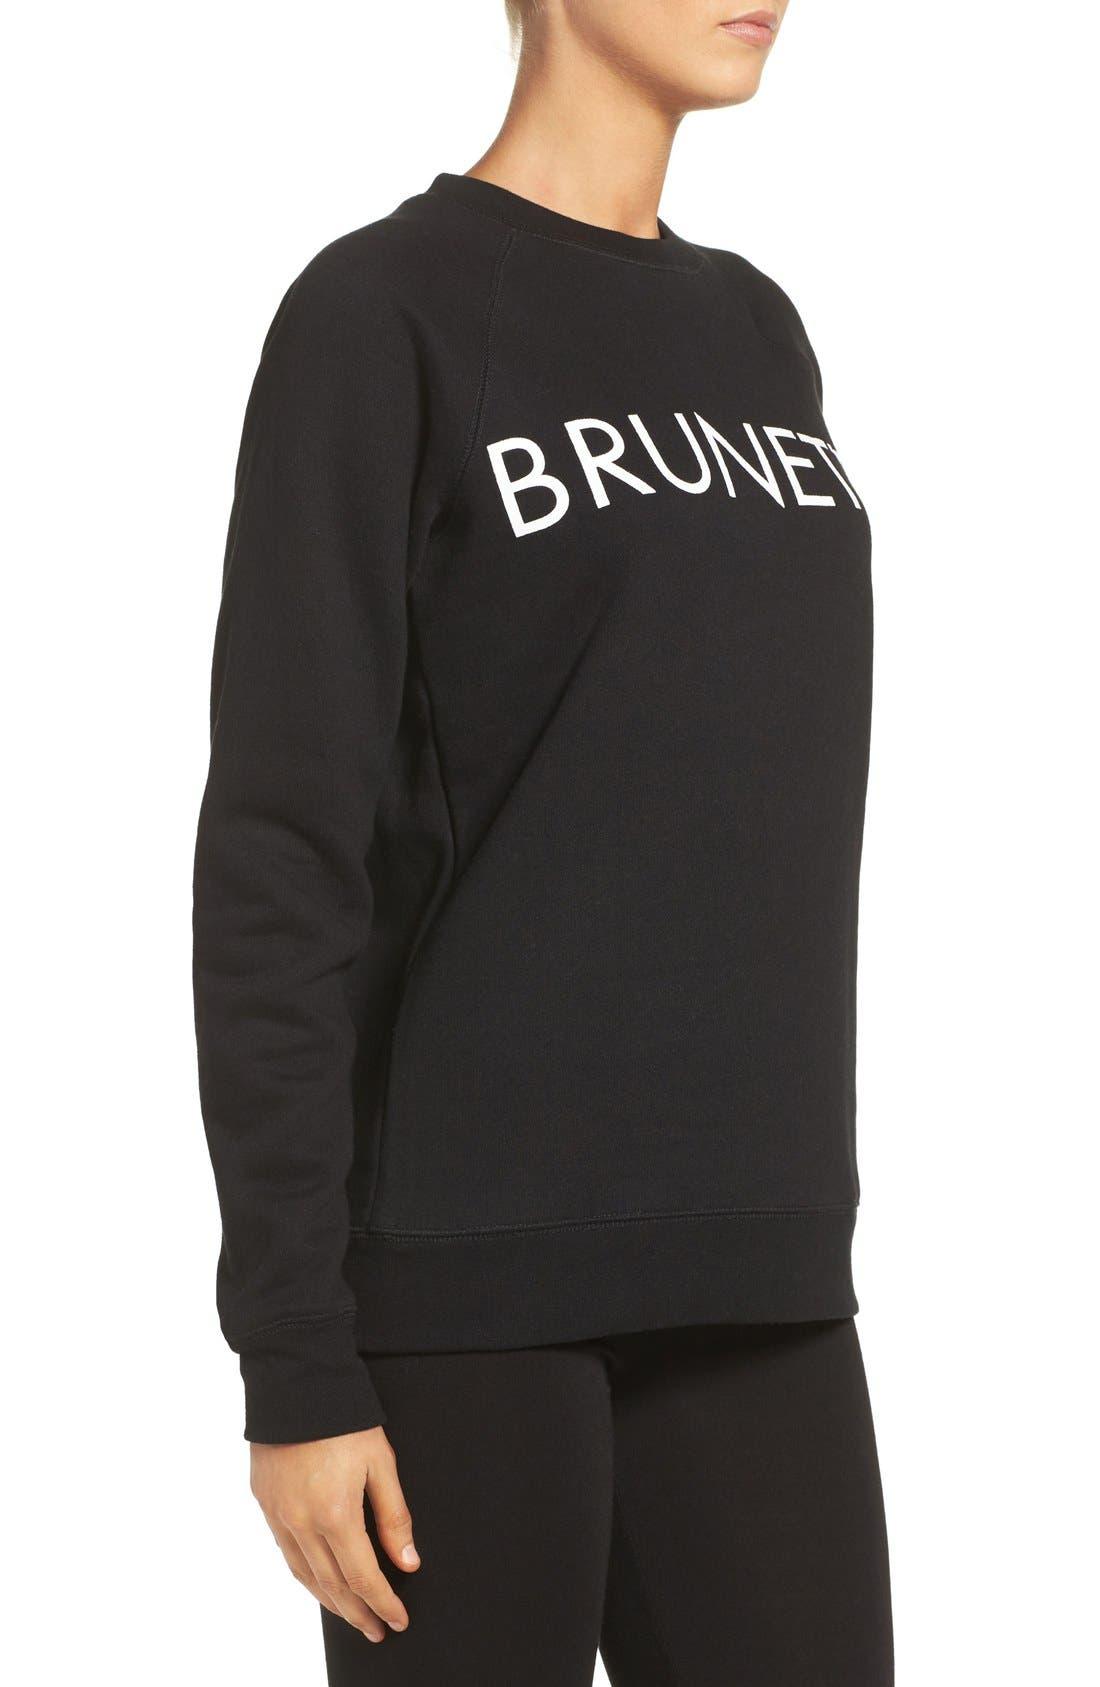 Brunette Crewneck Sweatshirt,                             Alternate thumbnail 10, color,                             001